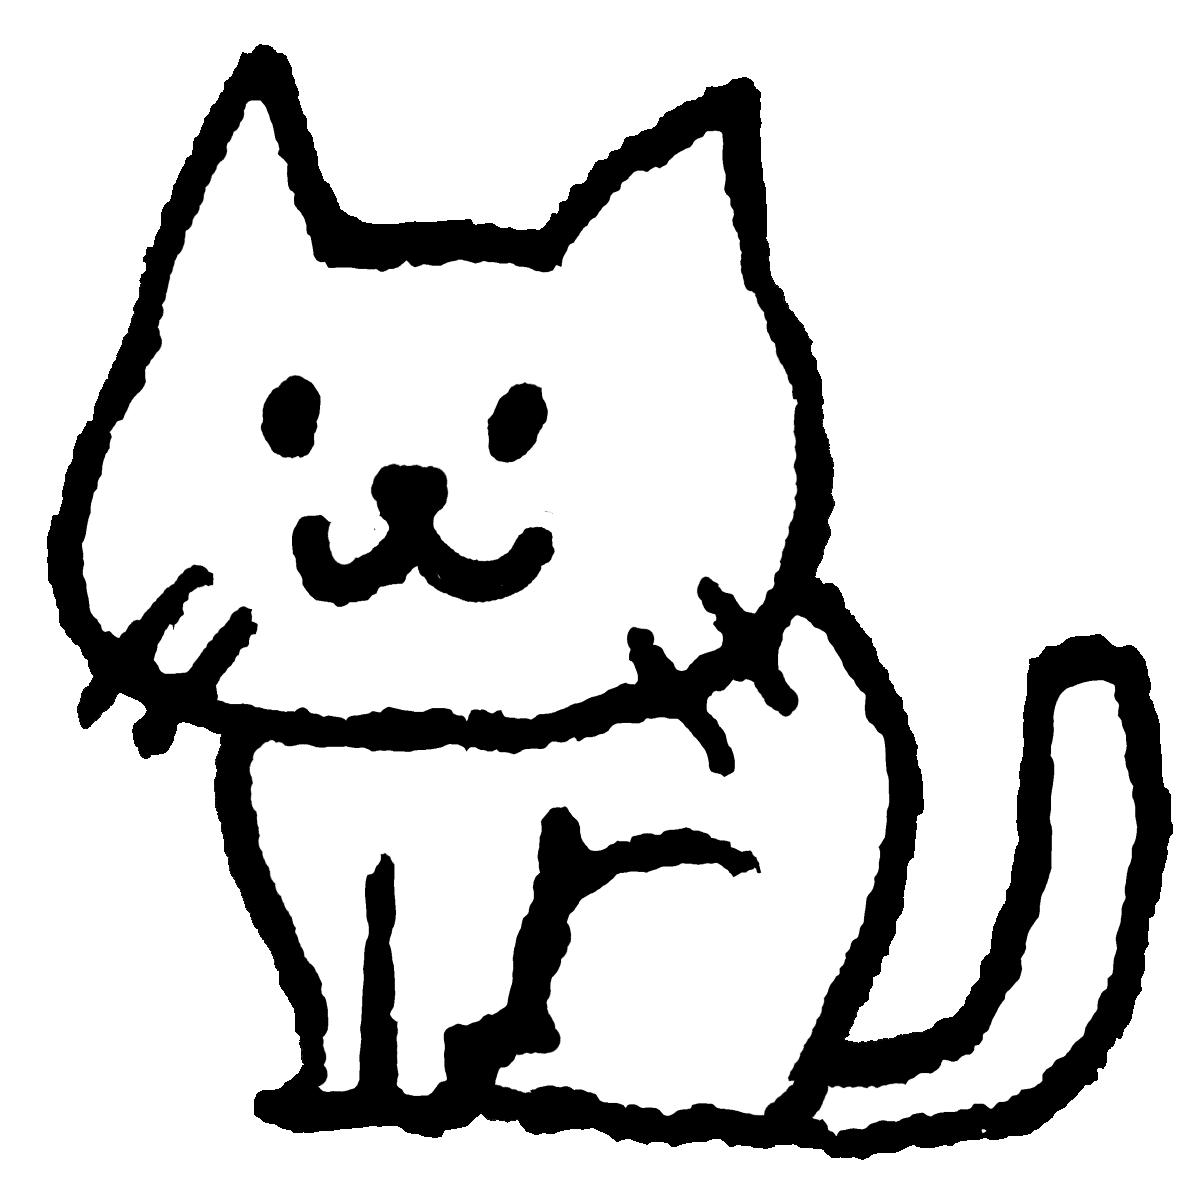 座る猫のイラスト / Sitting cat Illustration